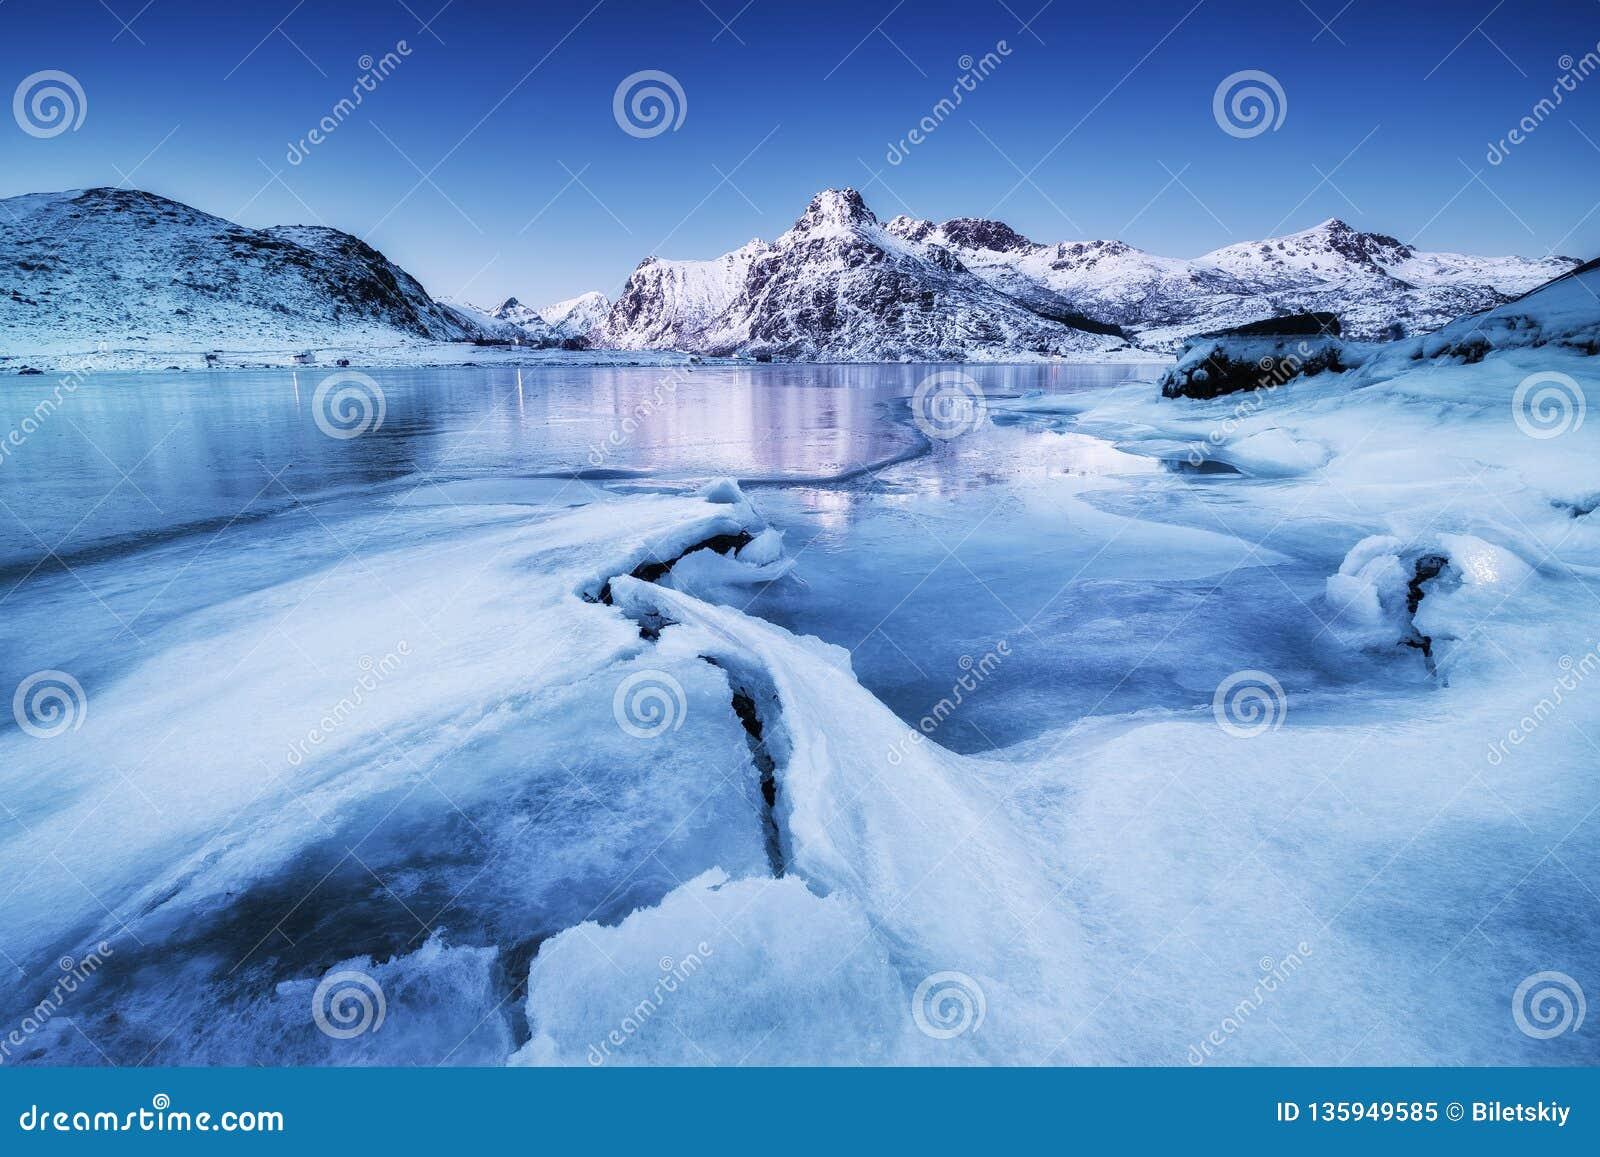 山土坎和冰冻结的湖表面上 在Lofoten海岛,挪威上的自然风景